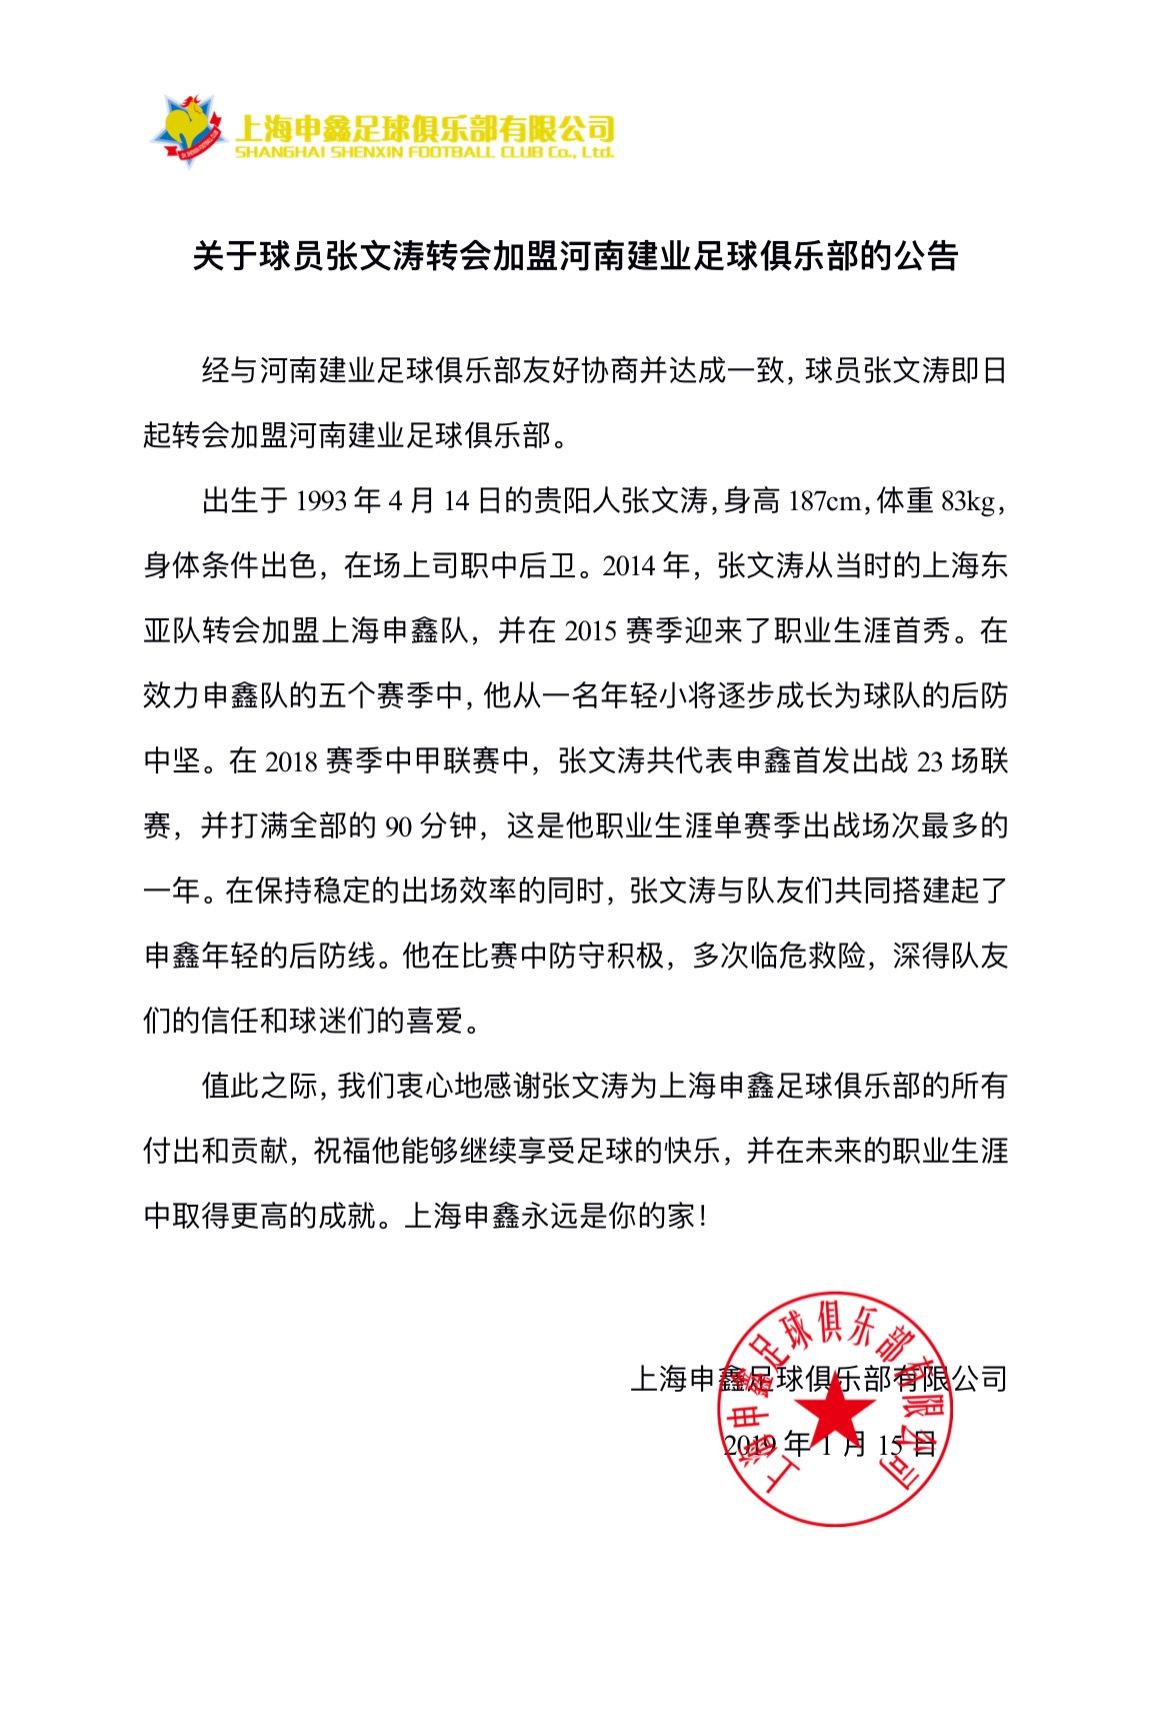 申鑫官宣张文涛加盟河南建业祝愿获得更高成就